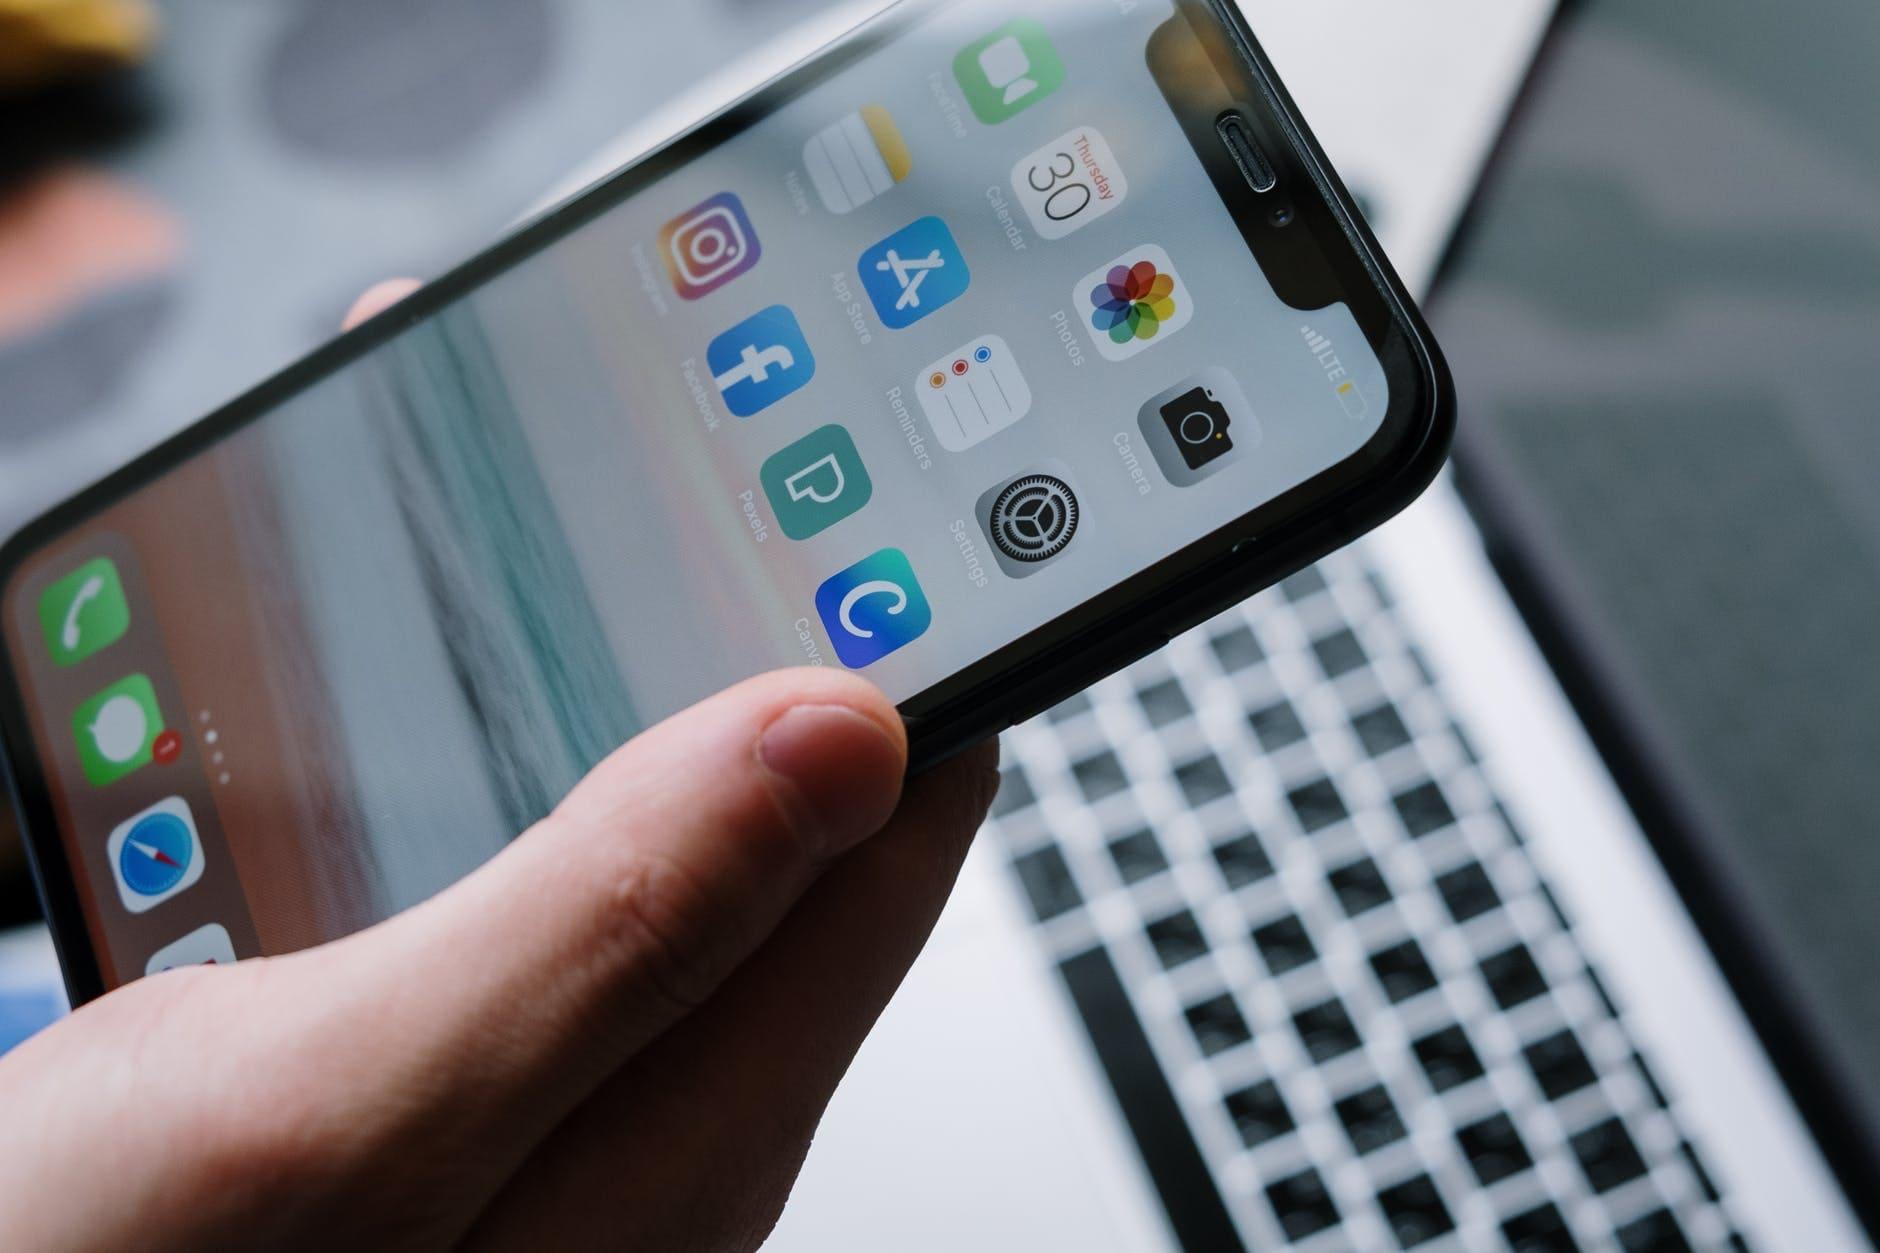 كيفية عمل استعادة أو ريستور لهاتف iPhone